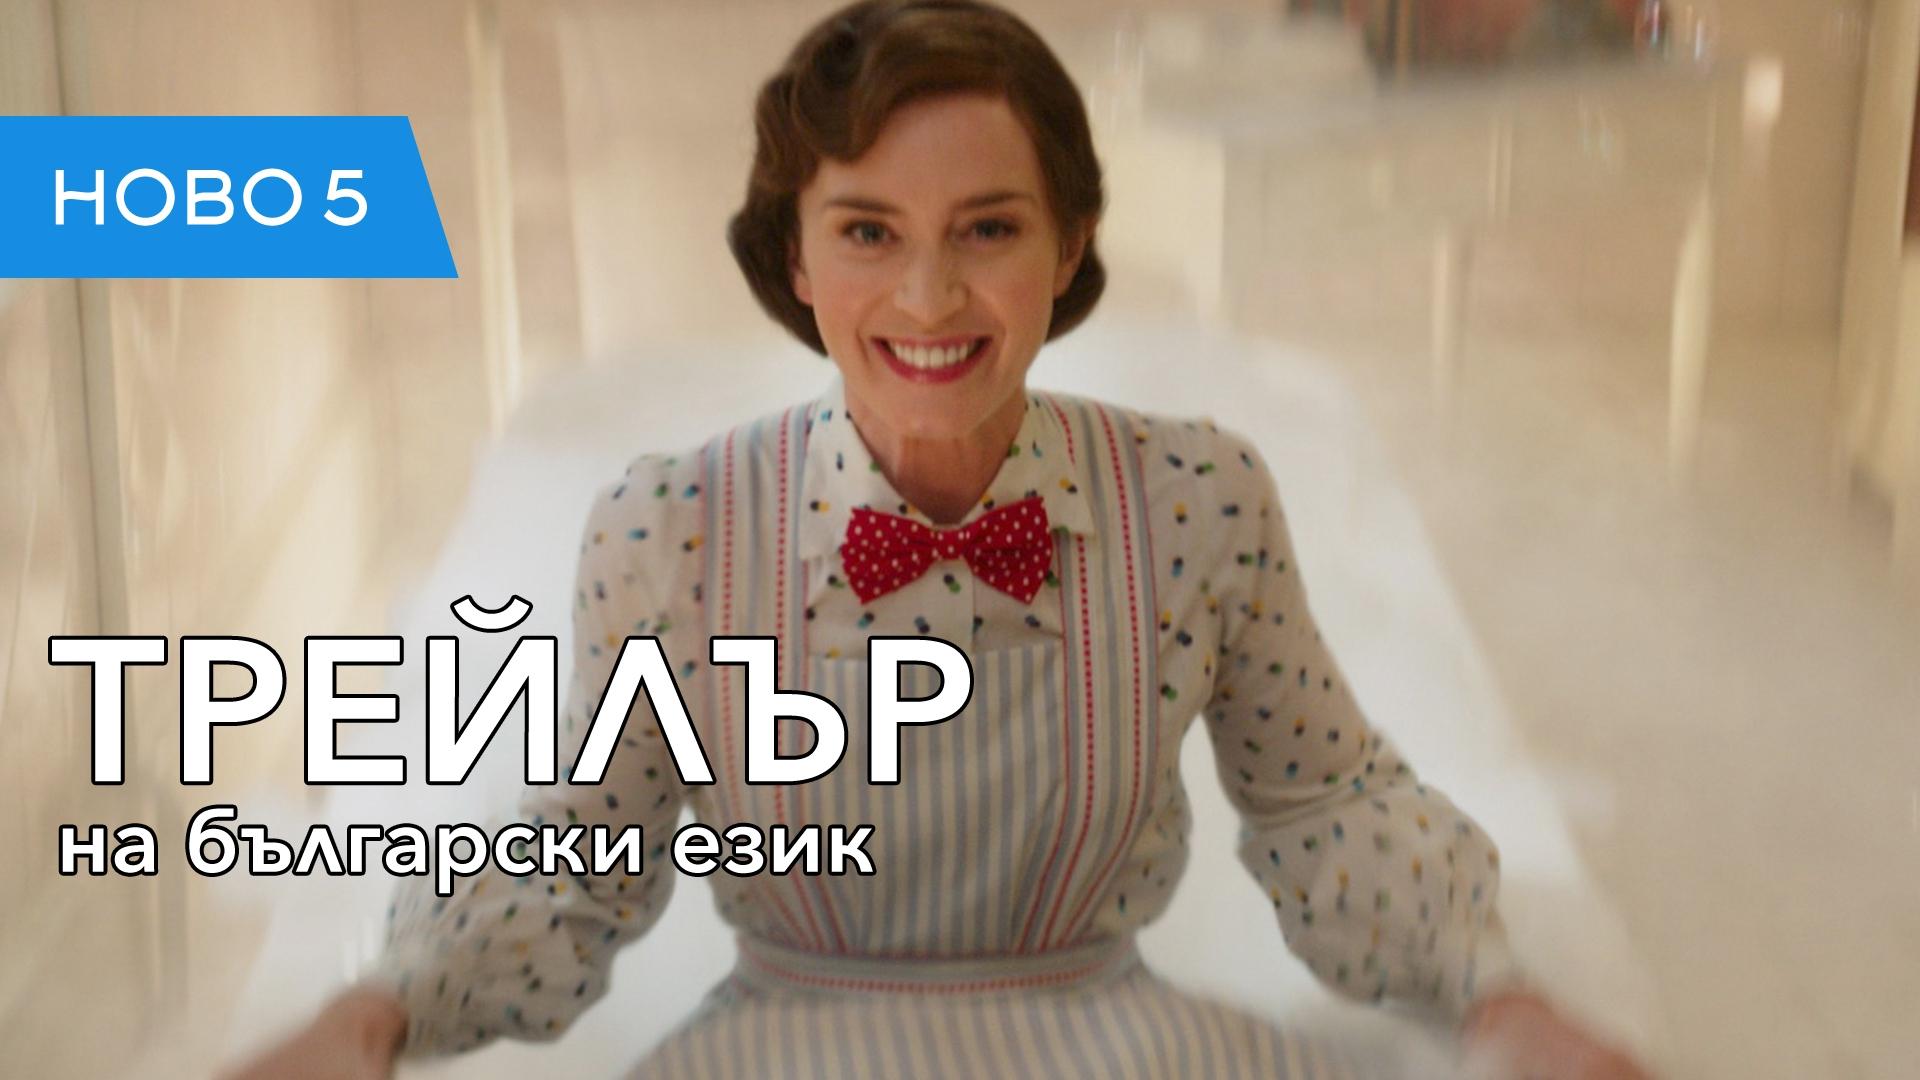 Мери Попинз се завръща (2018) втори трейлър, озвучен на български език